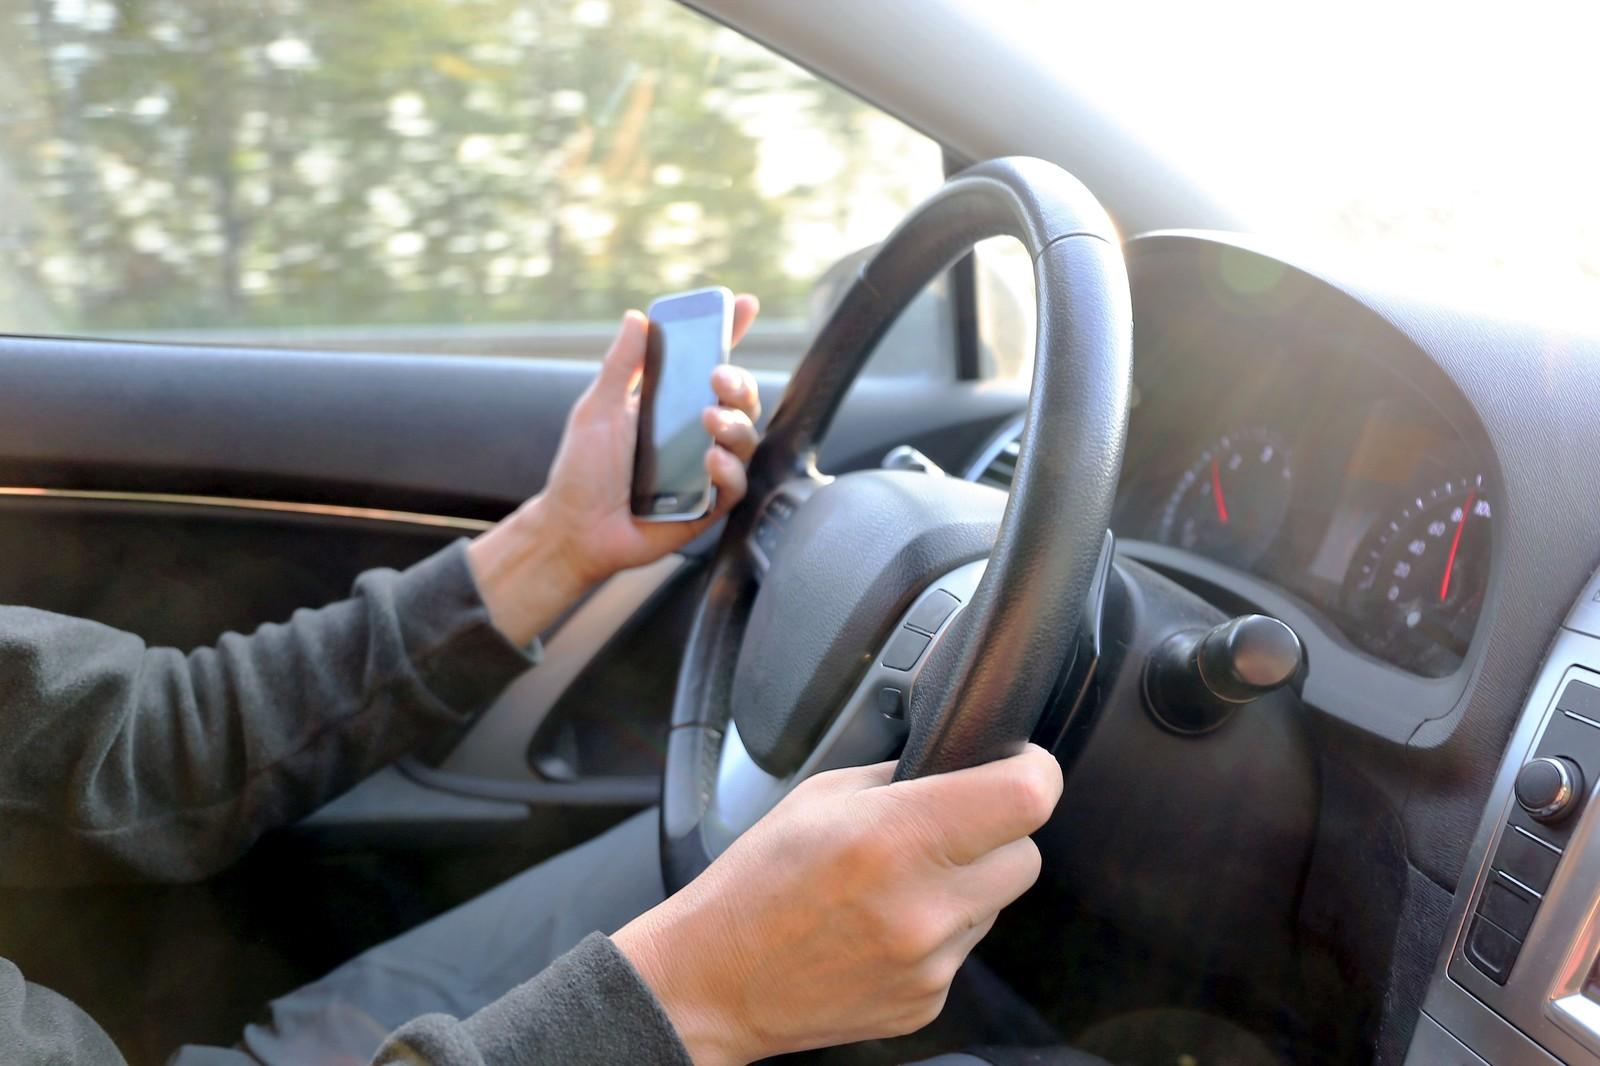 Laut Straßenverkehrs-Ordnung ist nur die Benutzung von Smartphones am Steuer ein Verstoß.